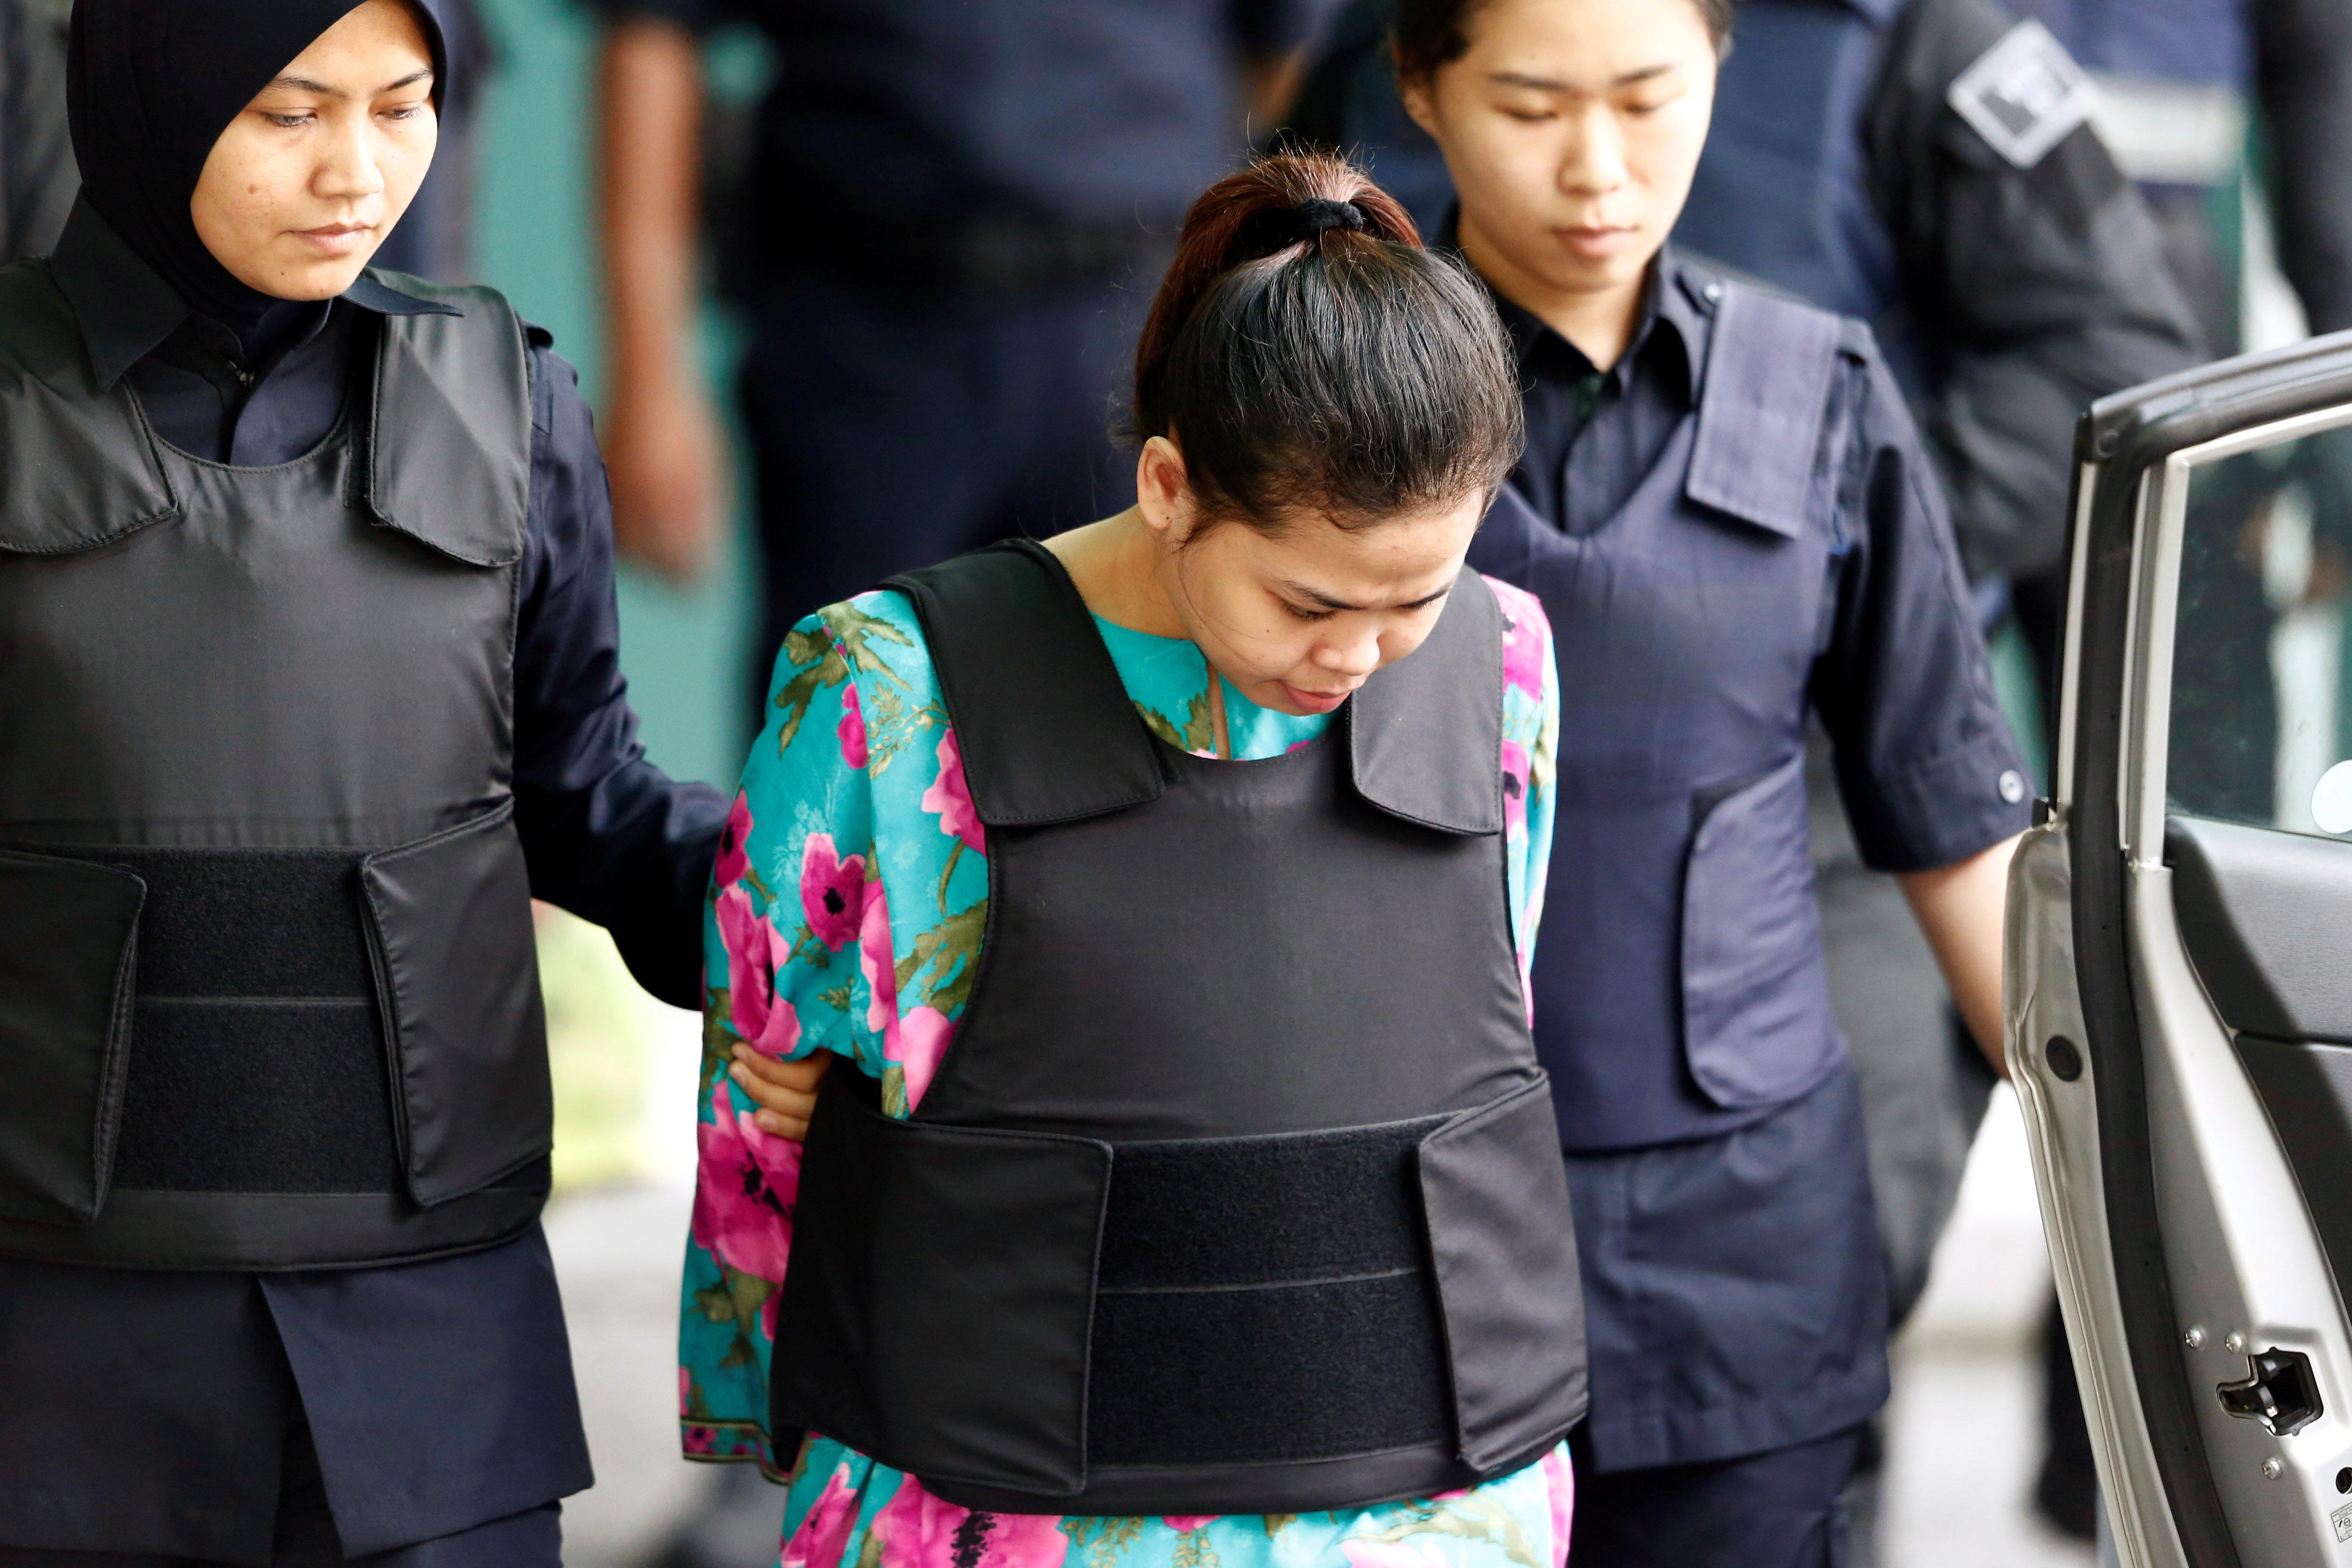 말레이시아 법원이 '김정남 살해 피의자' 한명을 전격